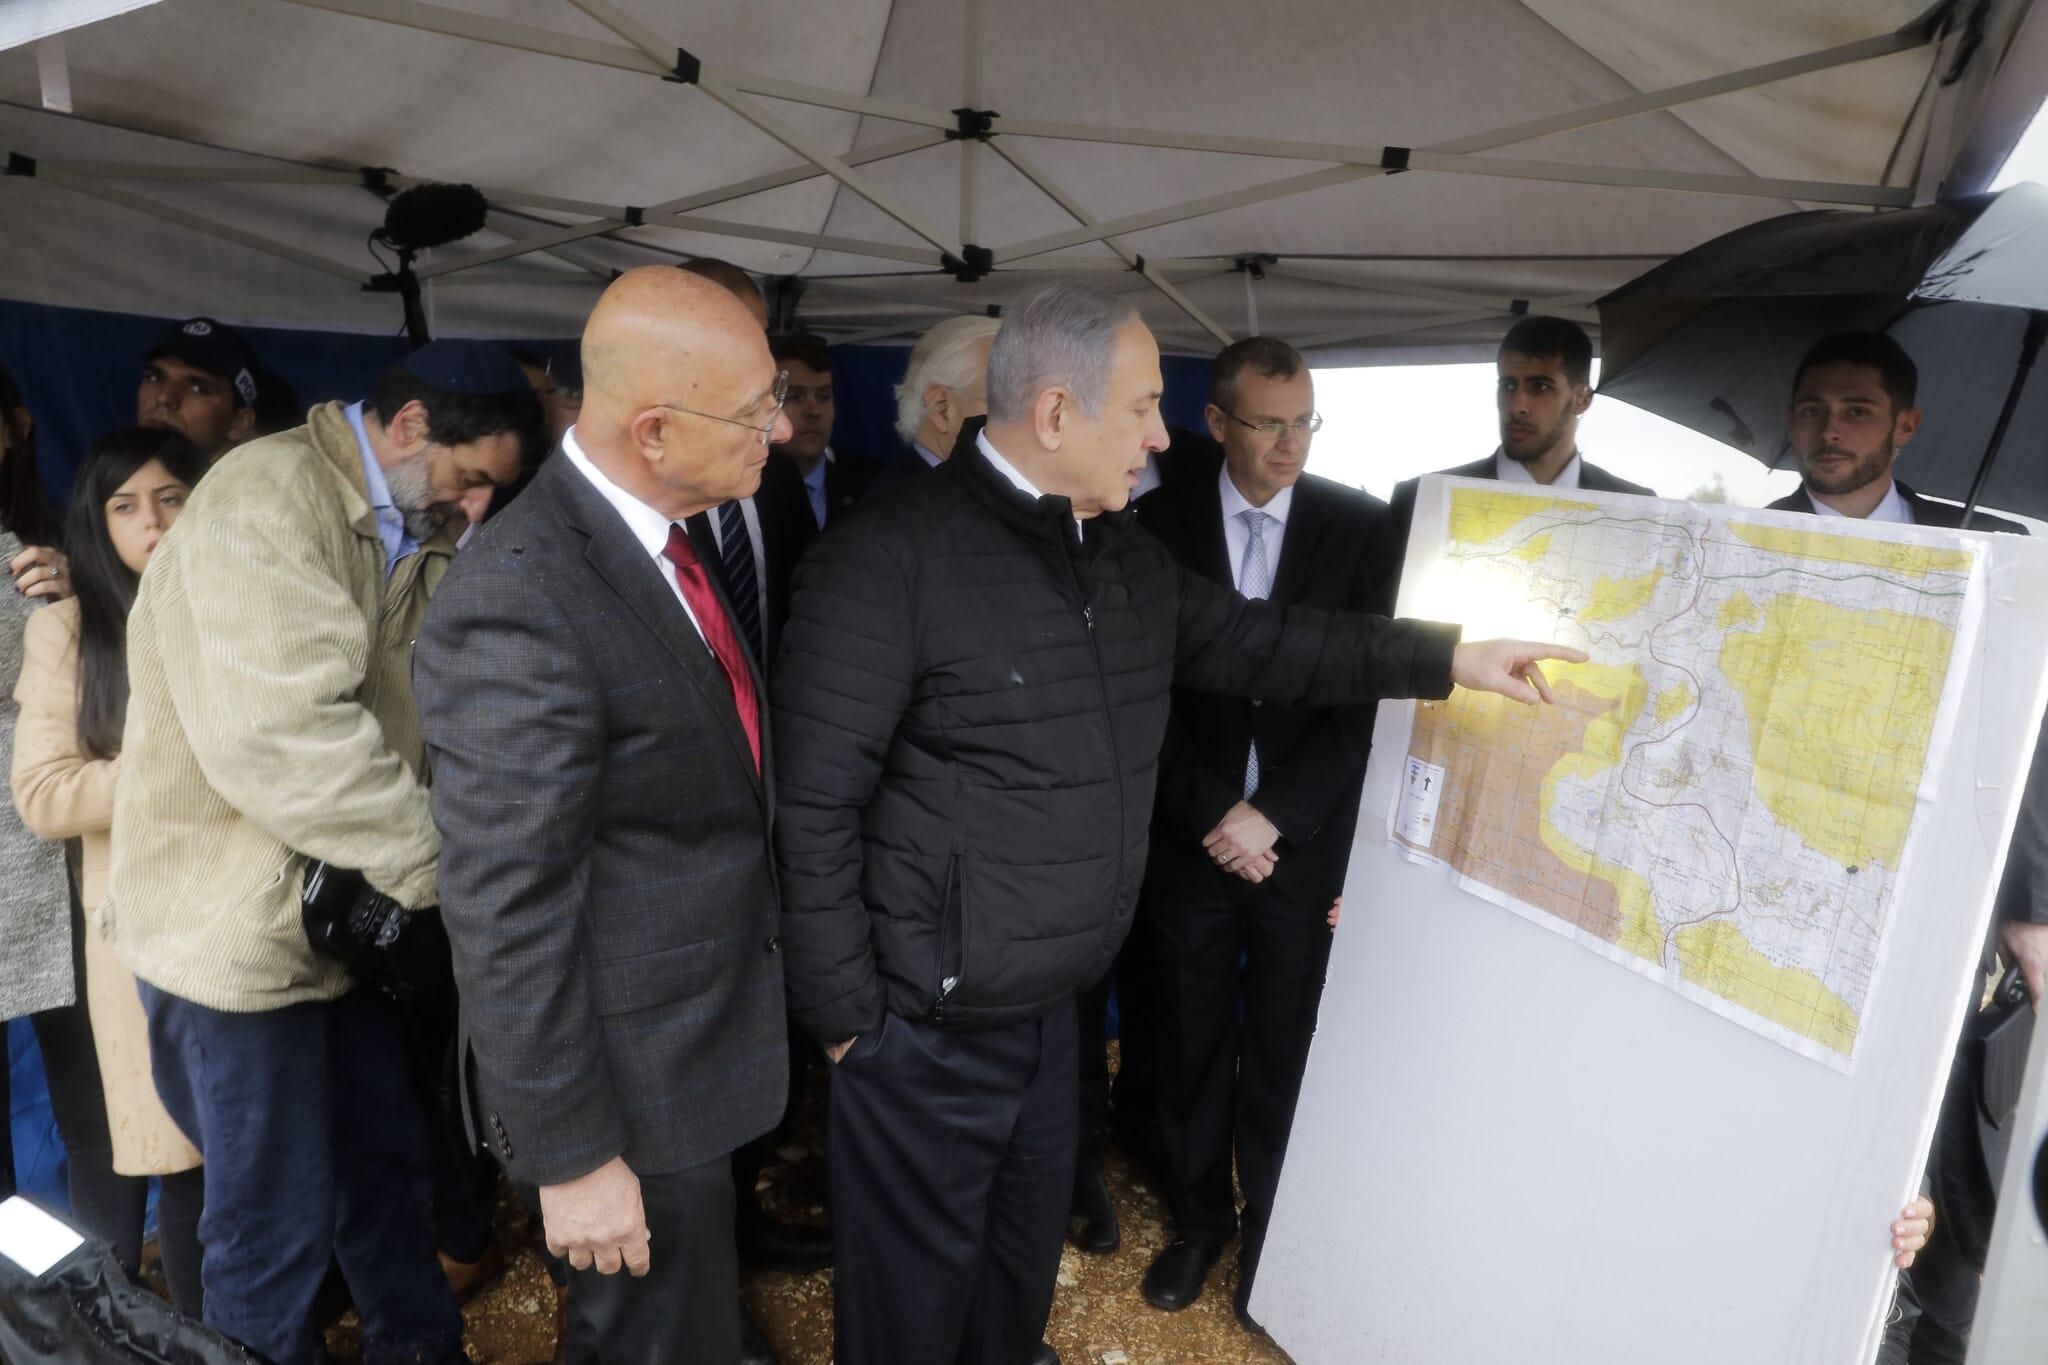 בנימין נתניהו בוחן את מפות האזור בביקור באריאל ב-24 בפברואר 2020 (צילום: AP Photo/Sebastian Scheiner)